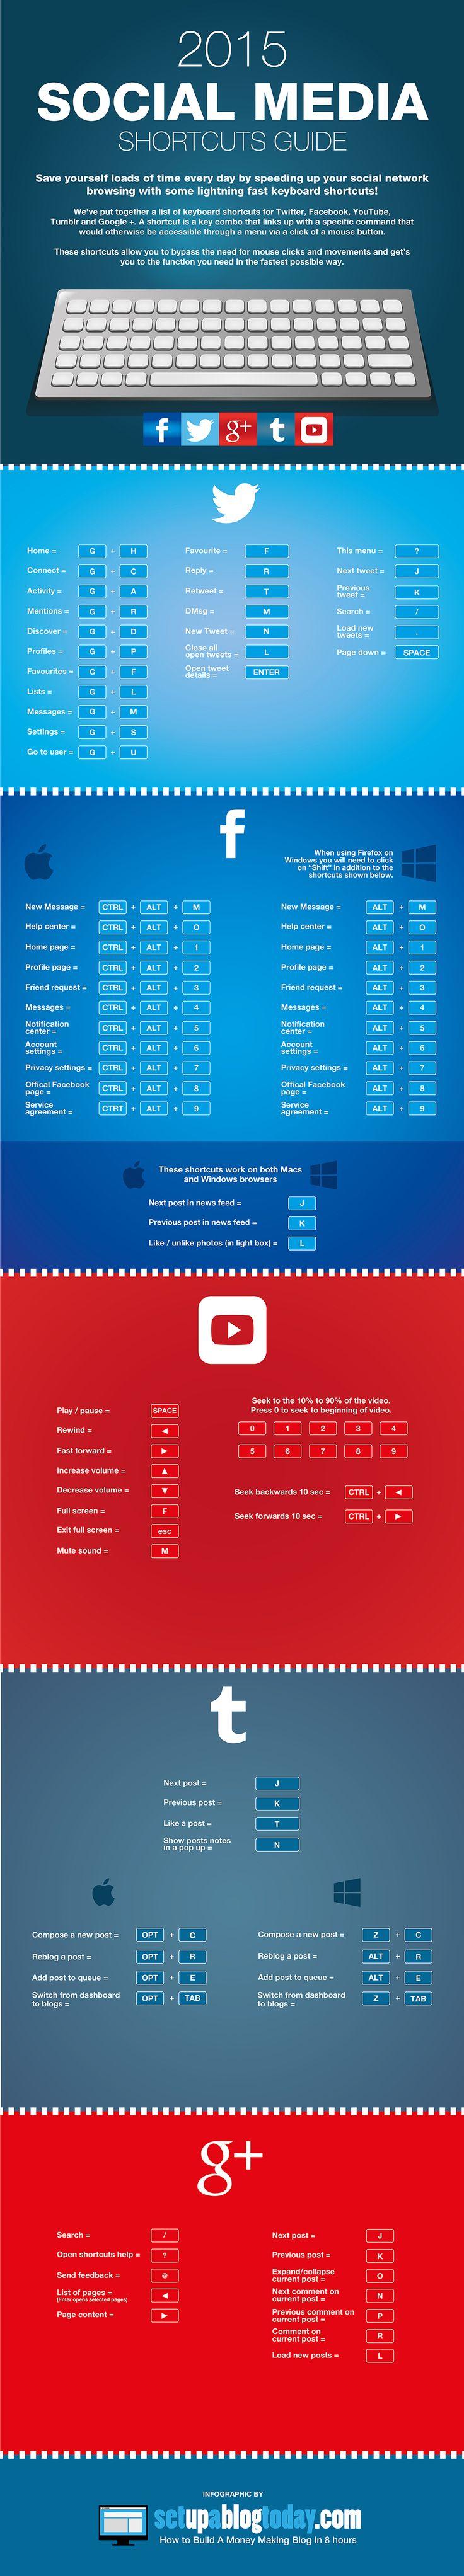 Der #SocialMedia-Spickzettel: Die wichtigsten Tastatur-Kürzel für Twitter, Facebook & Co.  #Infografik #Shortcuts